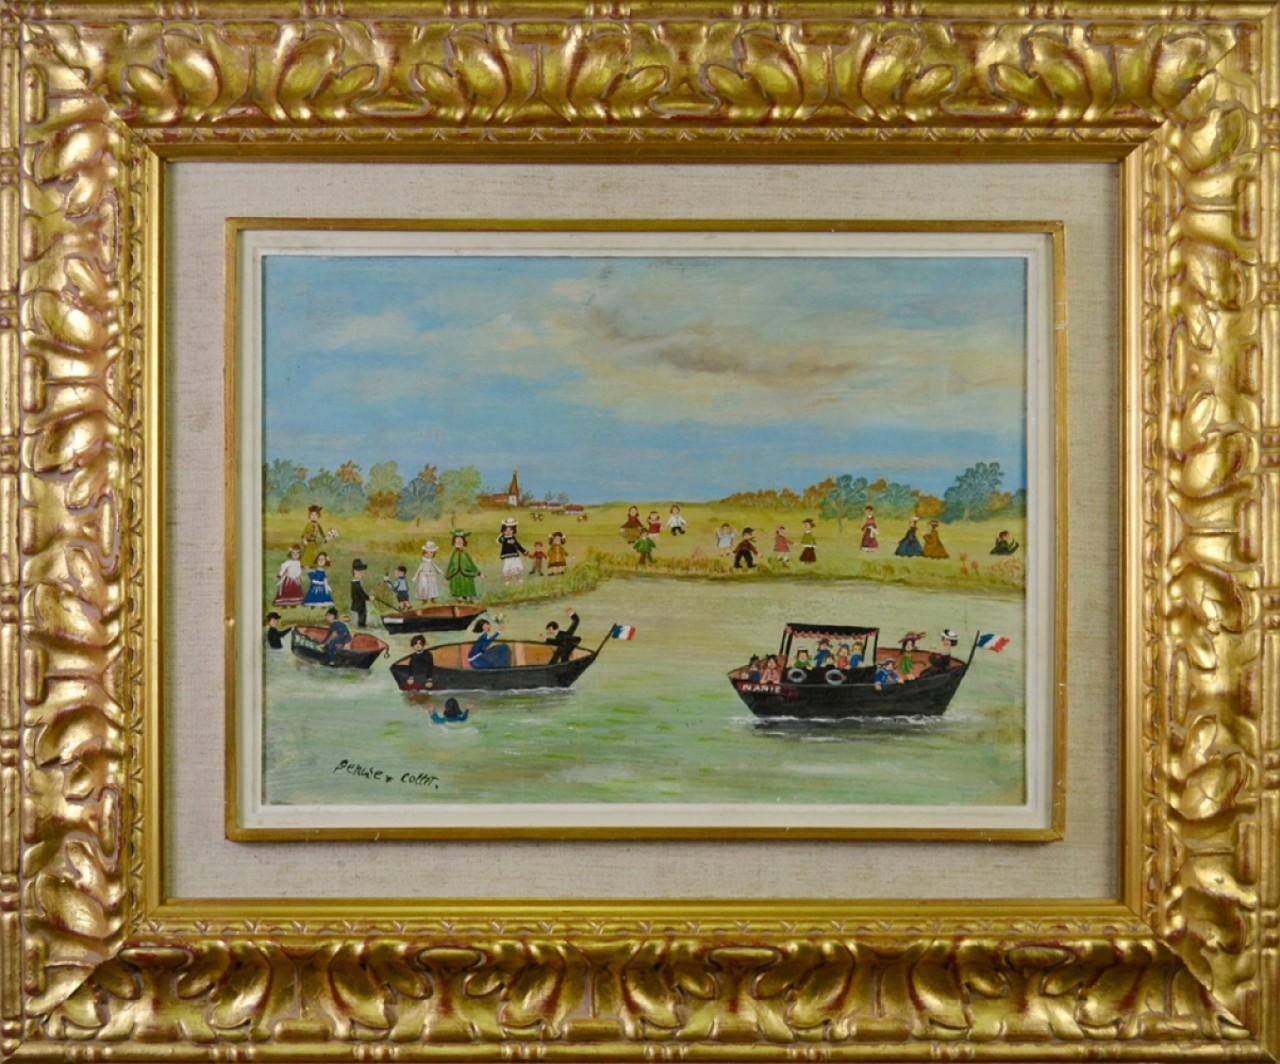 COLLET Denise barques sur rivière